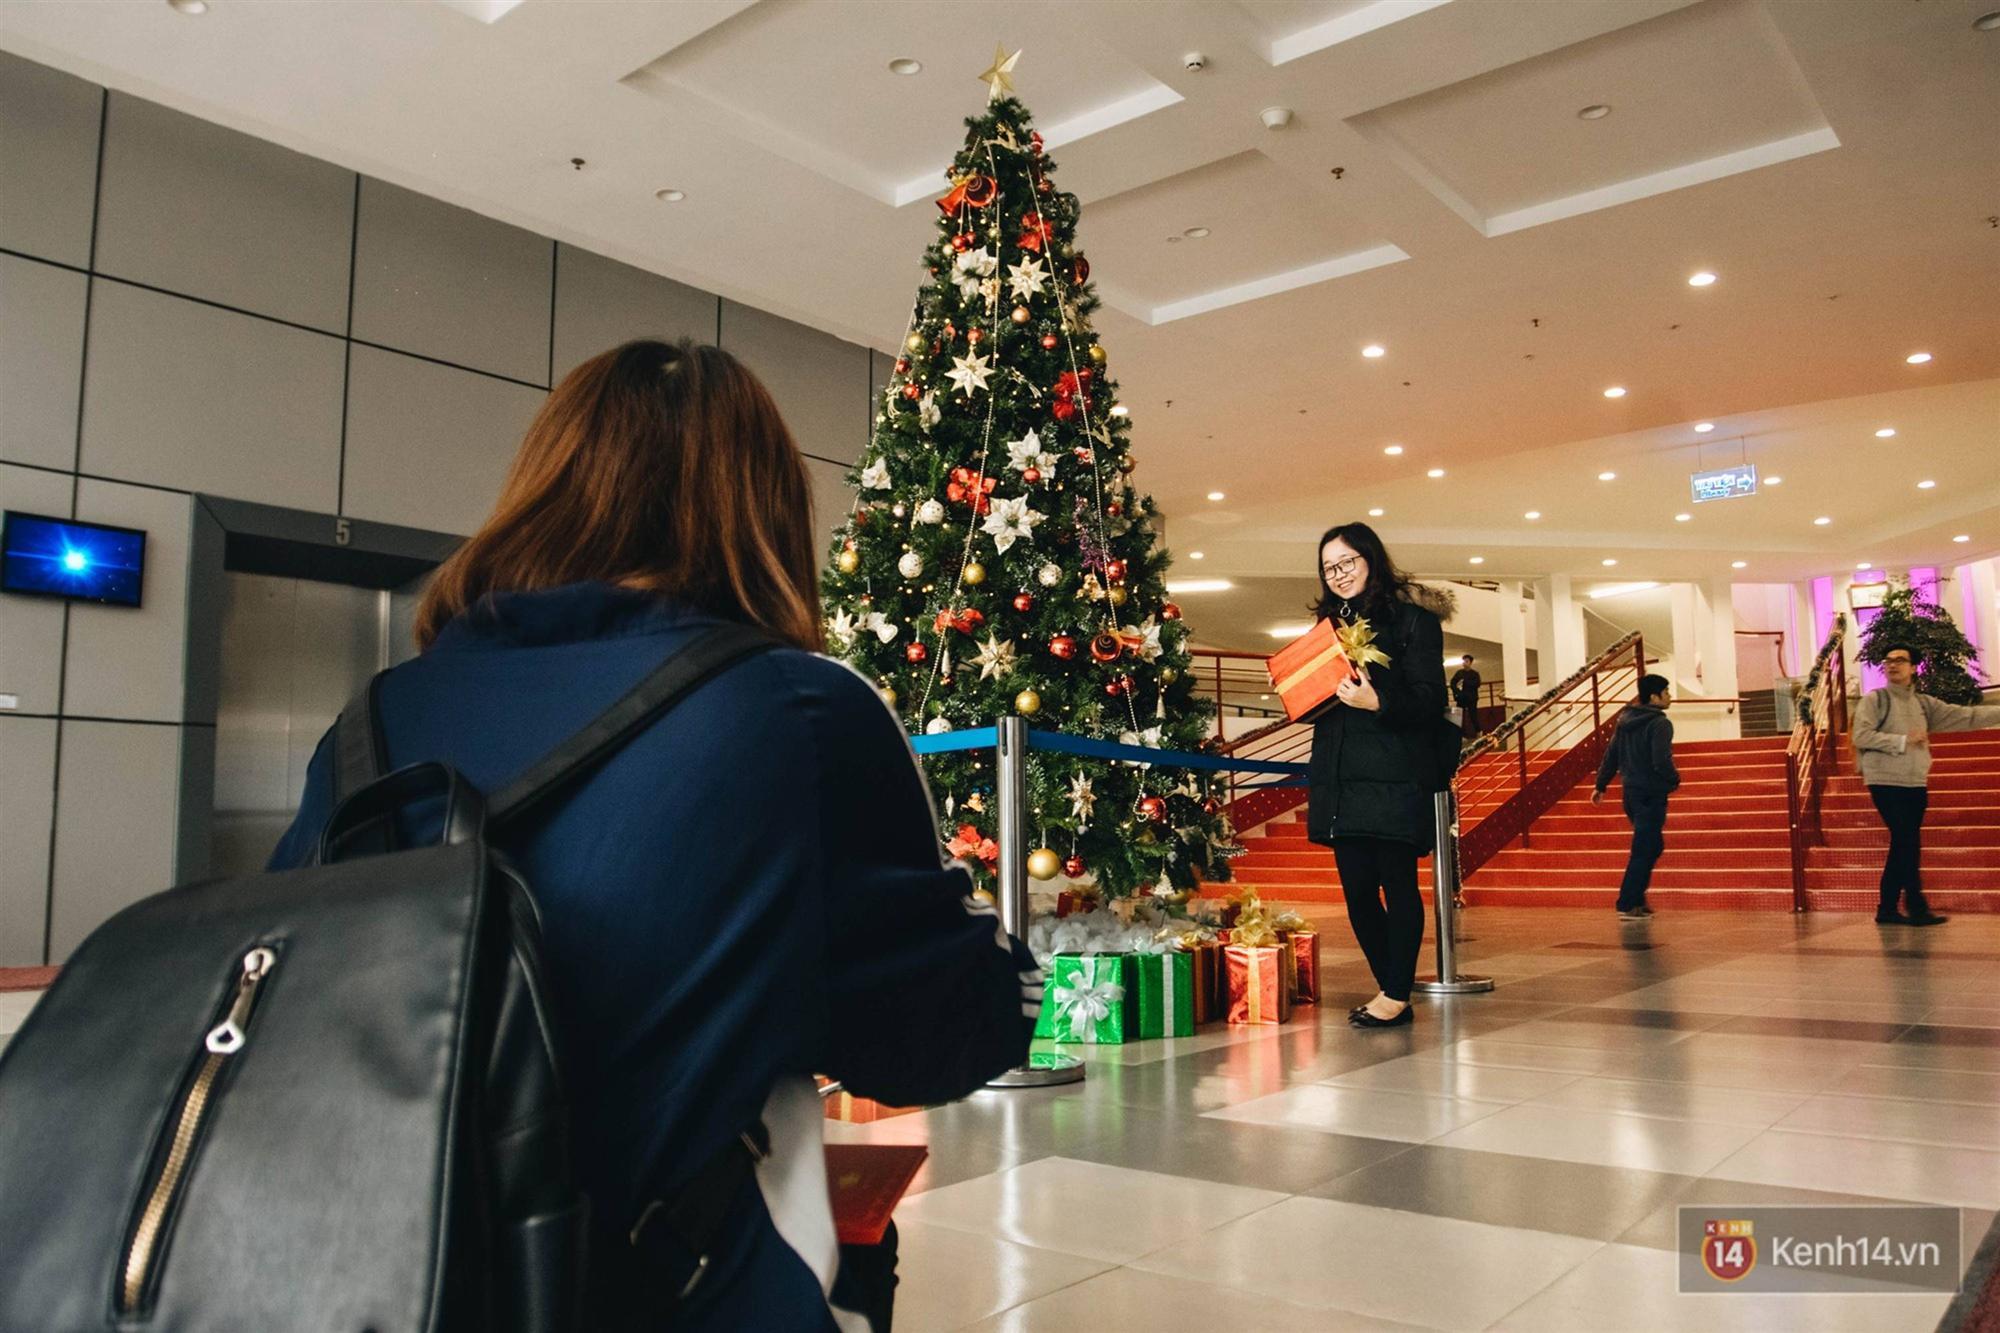 Xịn như Kinh tế Quốc dân: Dựng không gian checkin Noel sang như khách sạn bên trong toà nhà thế kỷ 96.000 m2 với 17 thang máy!-15